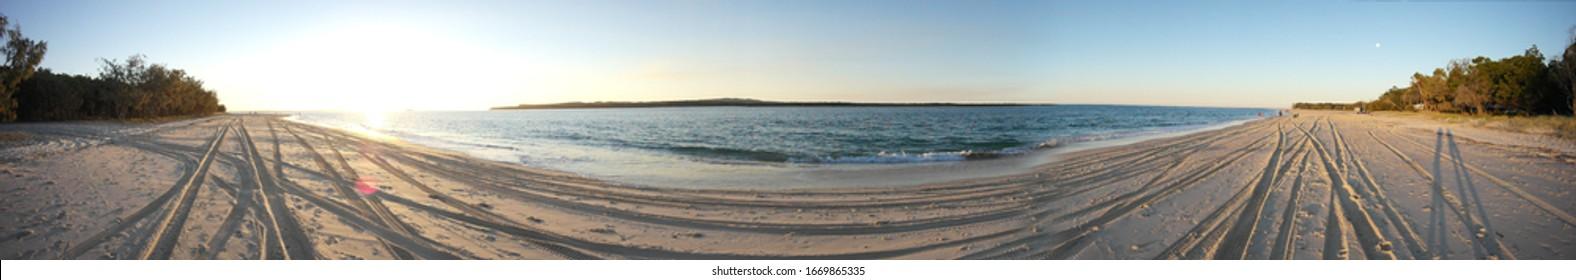 Panorama of Beach and Ocean